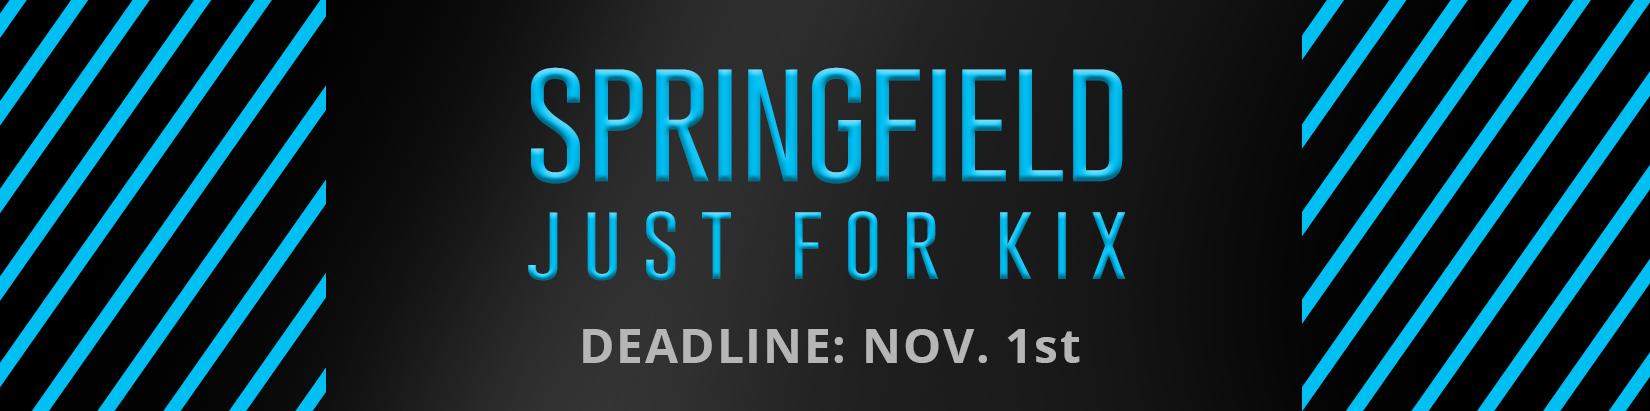 Springfield Just For Kix